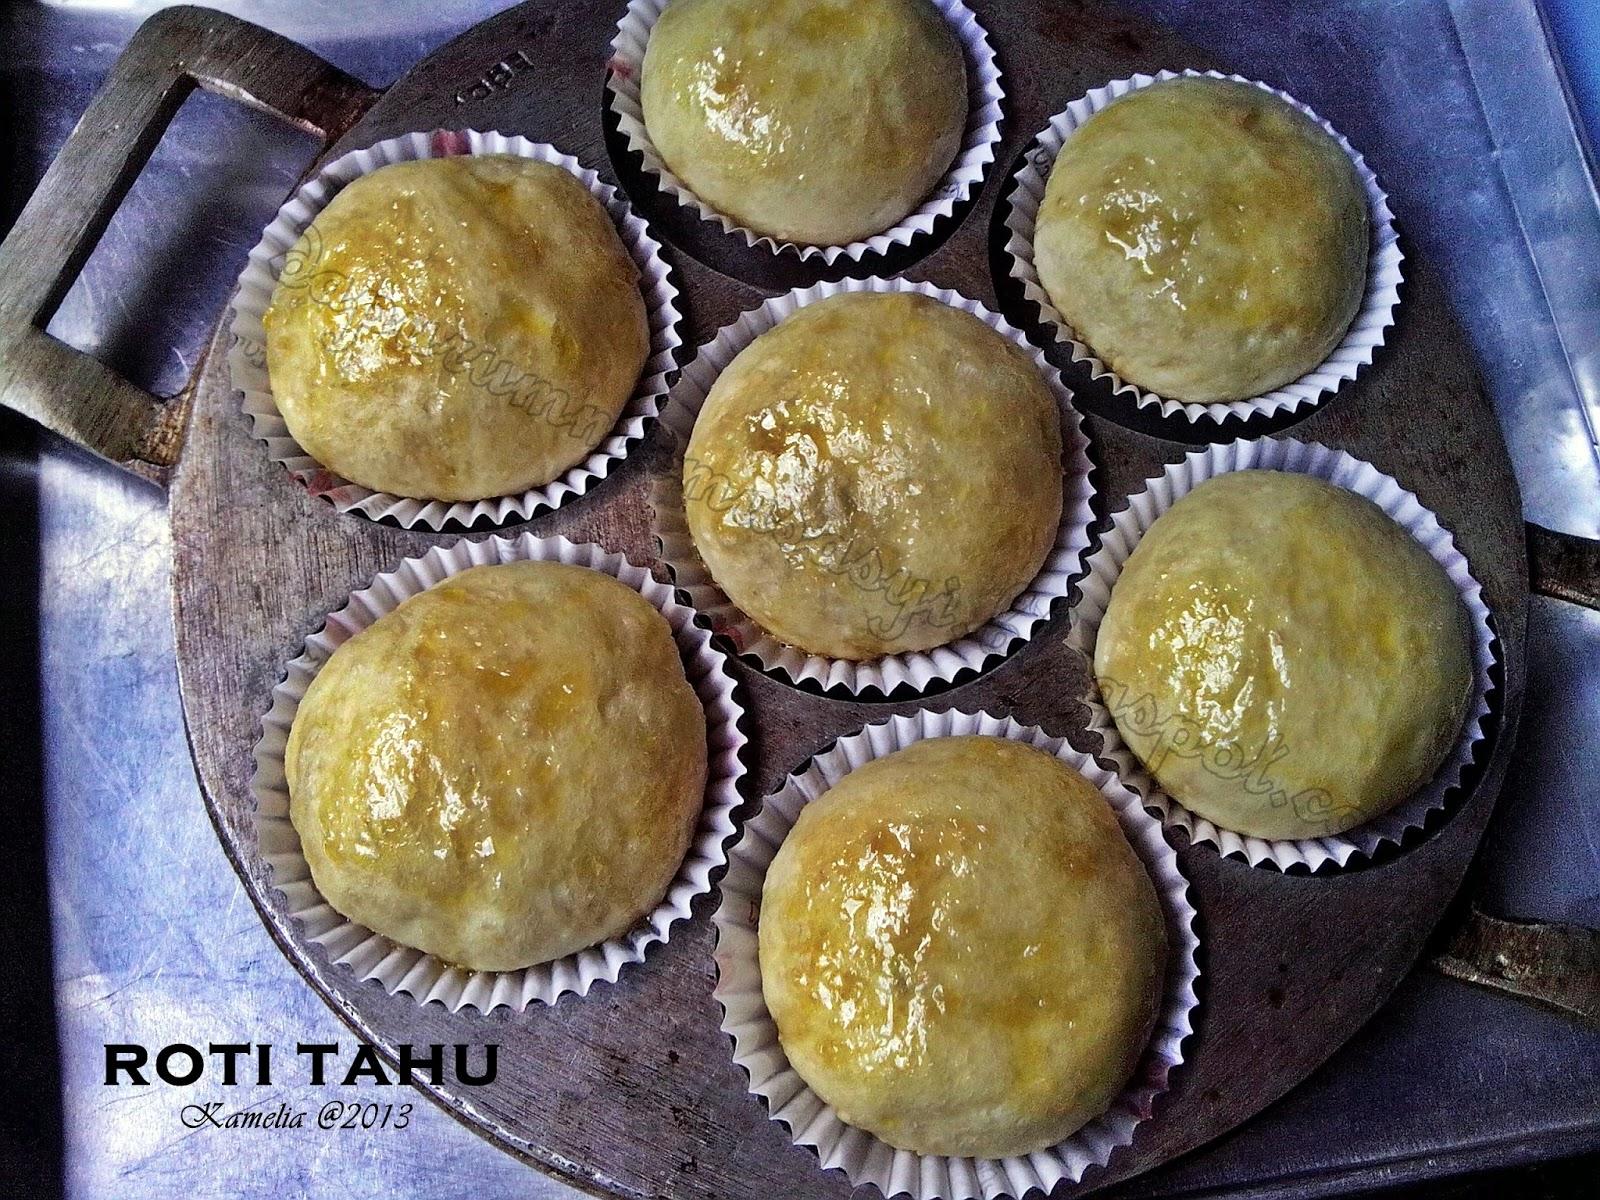 Roti Tahu